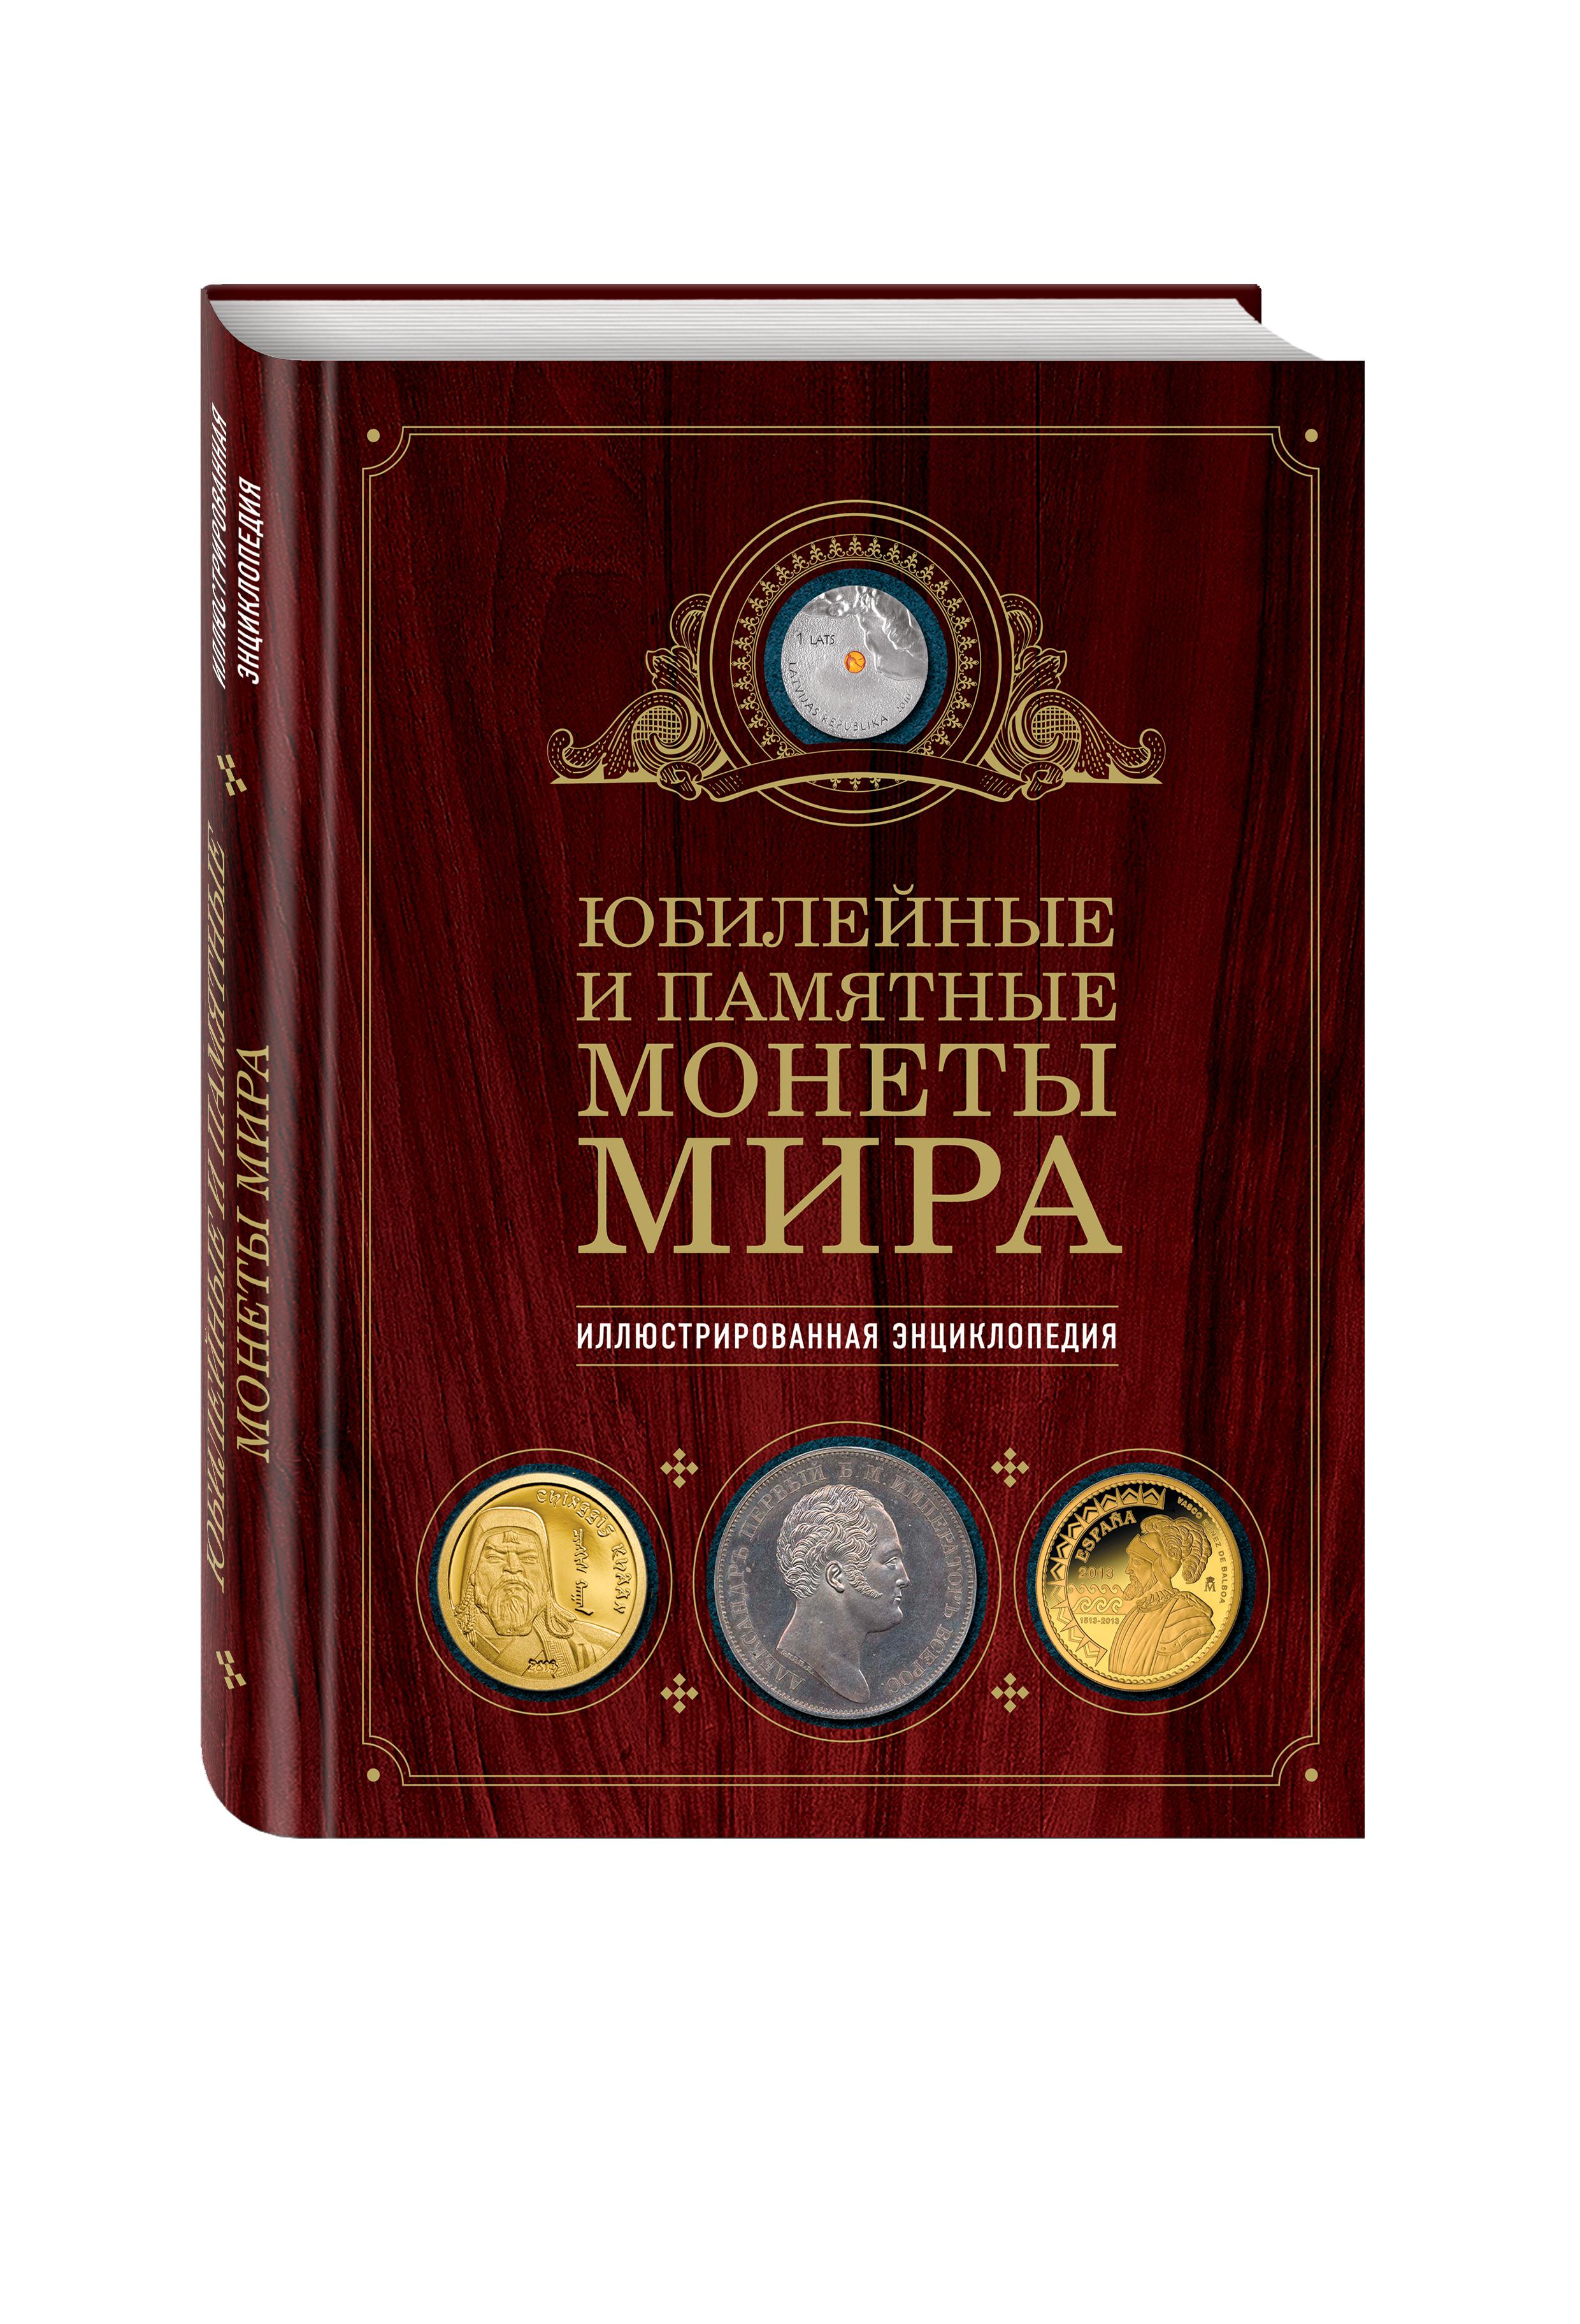 Ларин-Подольский И.А. Юбилейные и памятные монеты мира 2 рублевые юбилейные монеты д с дохтуров